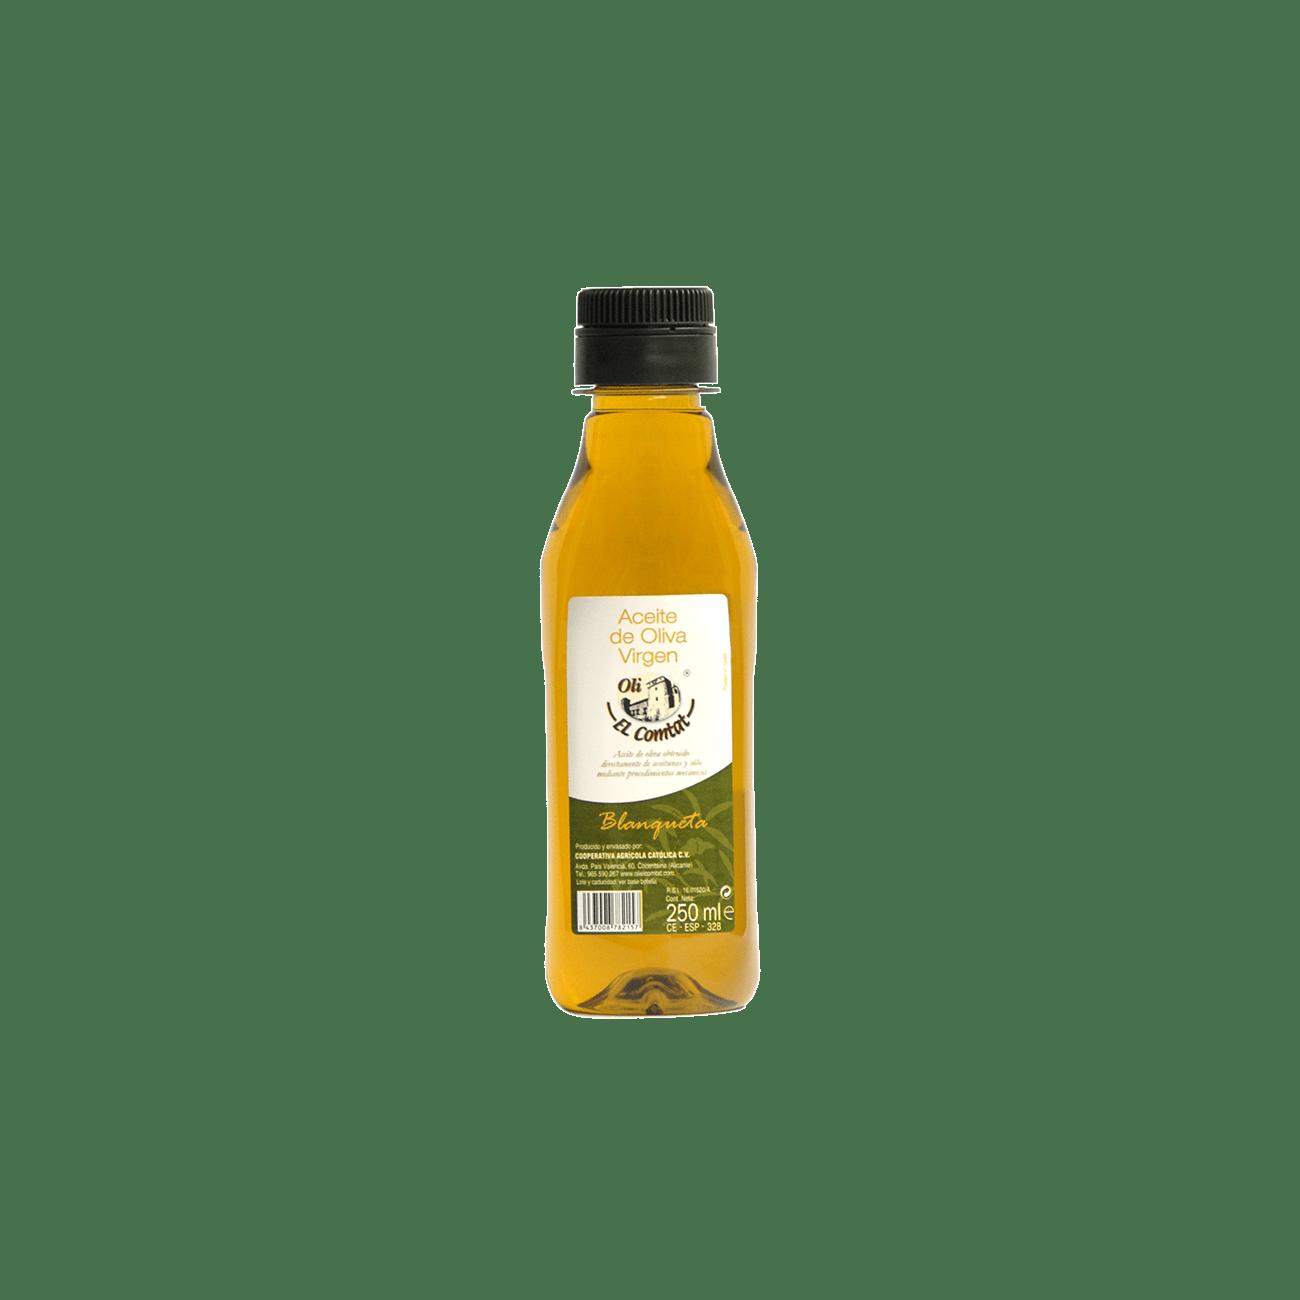 Aceite de oliva variedad blanqueta 25ml